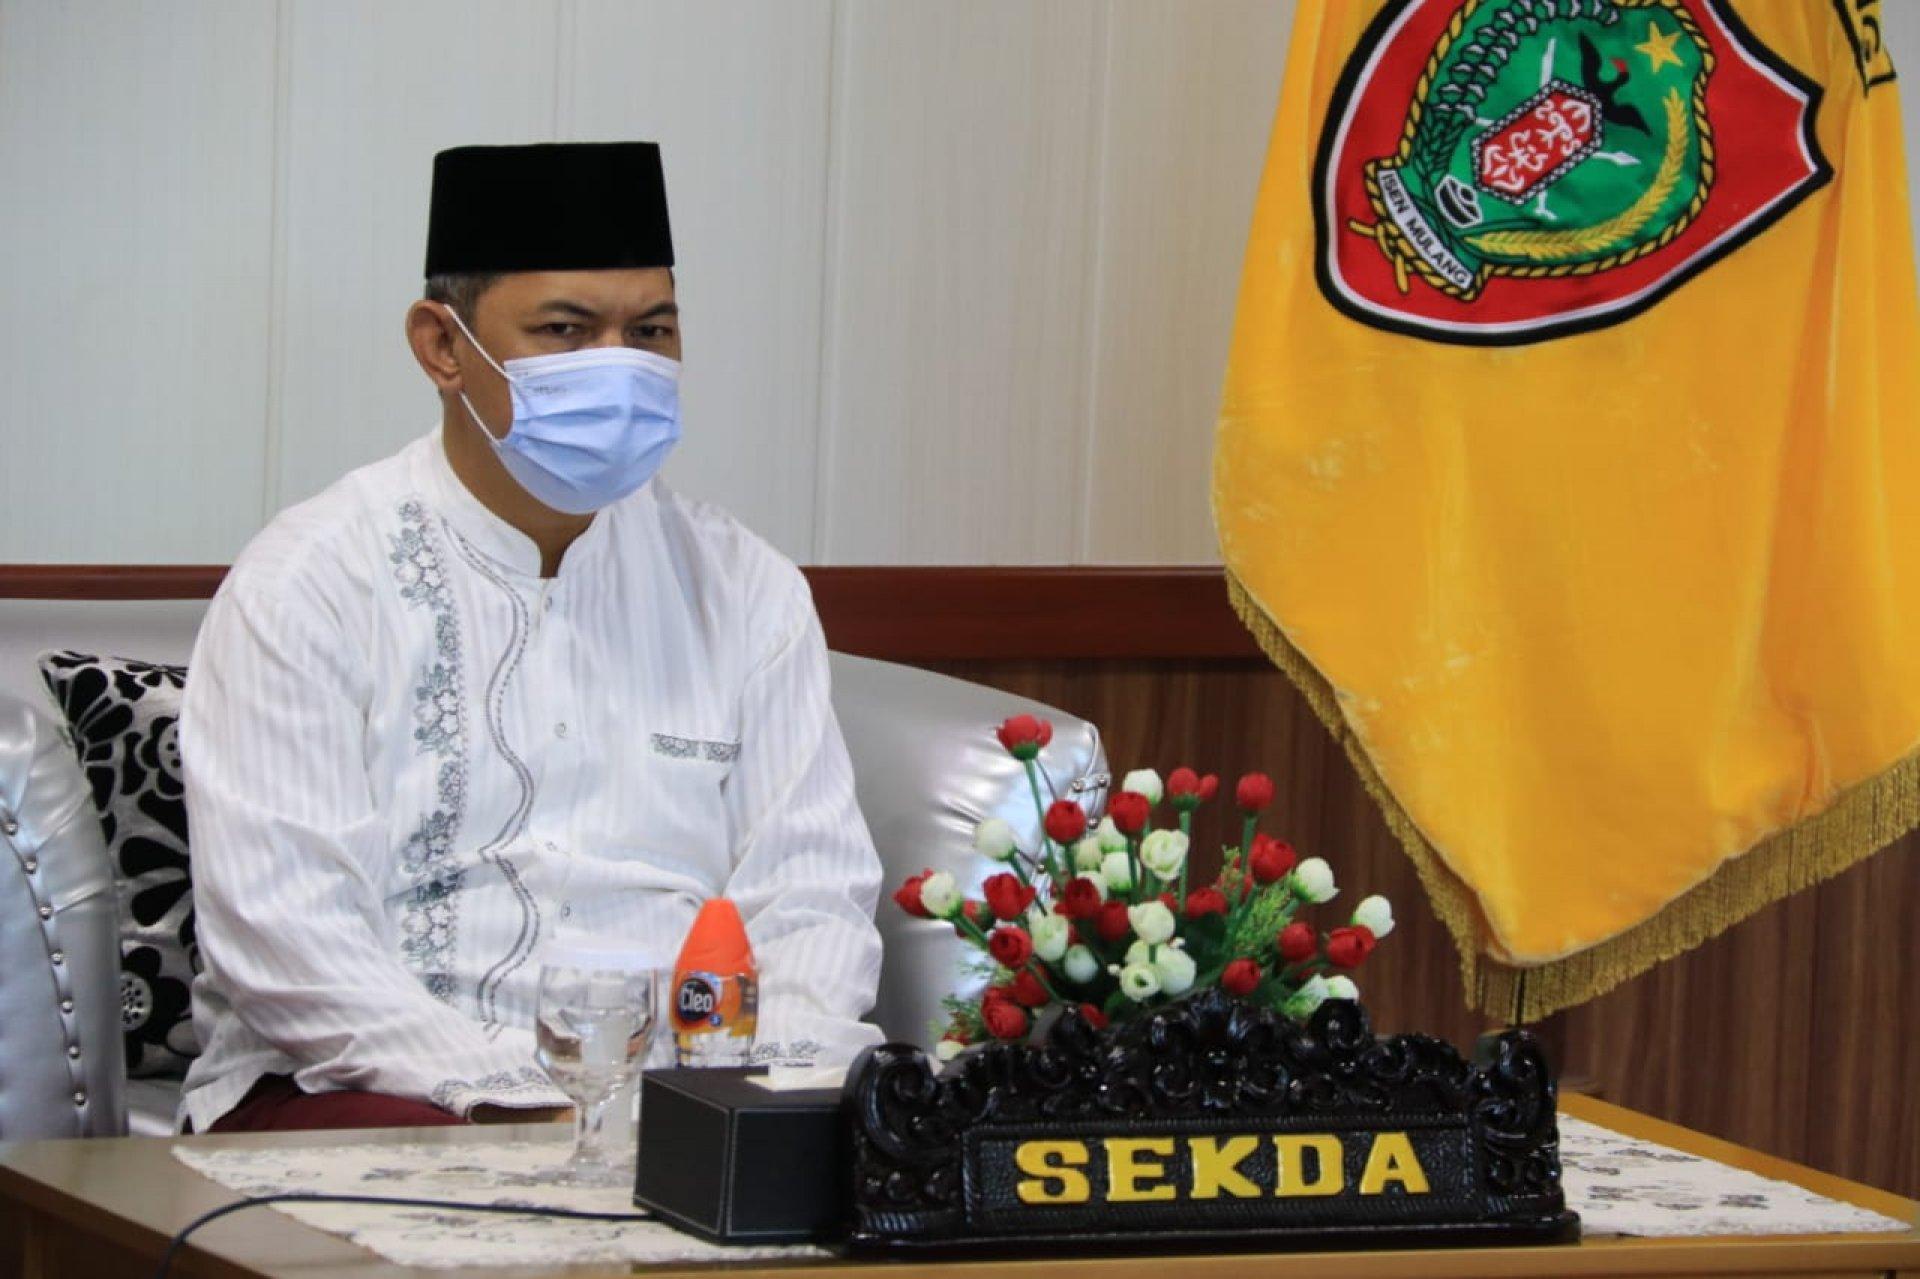 Sekda Kalteng Hadiri Penandatanganan Kontrak Tender Dini Kementerian PUPR TA 2021 Via Vicon